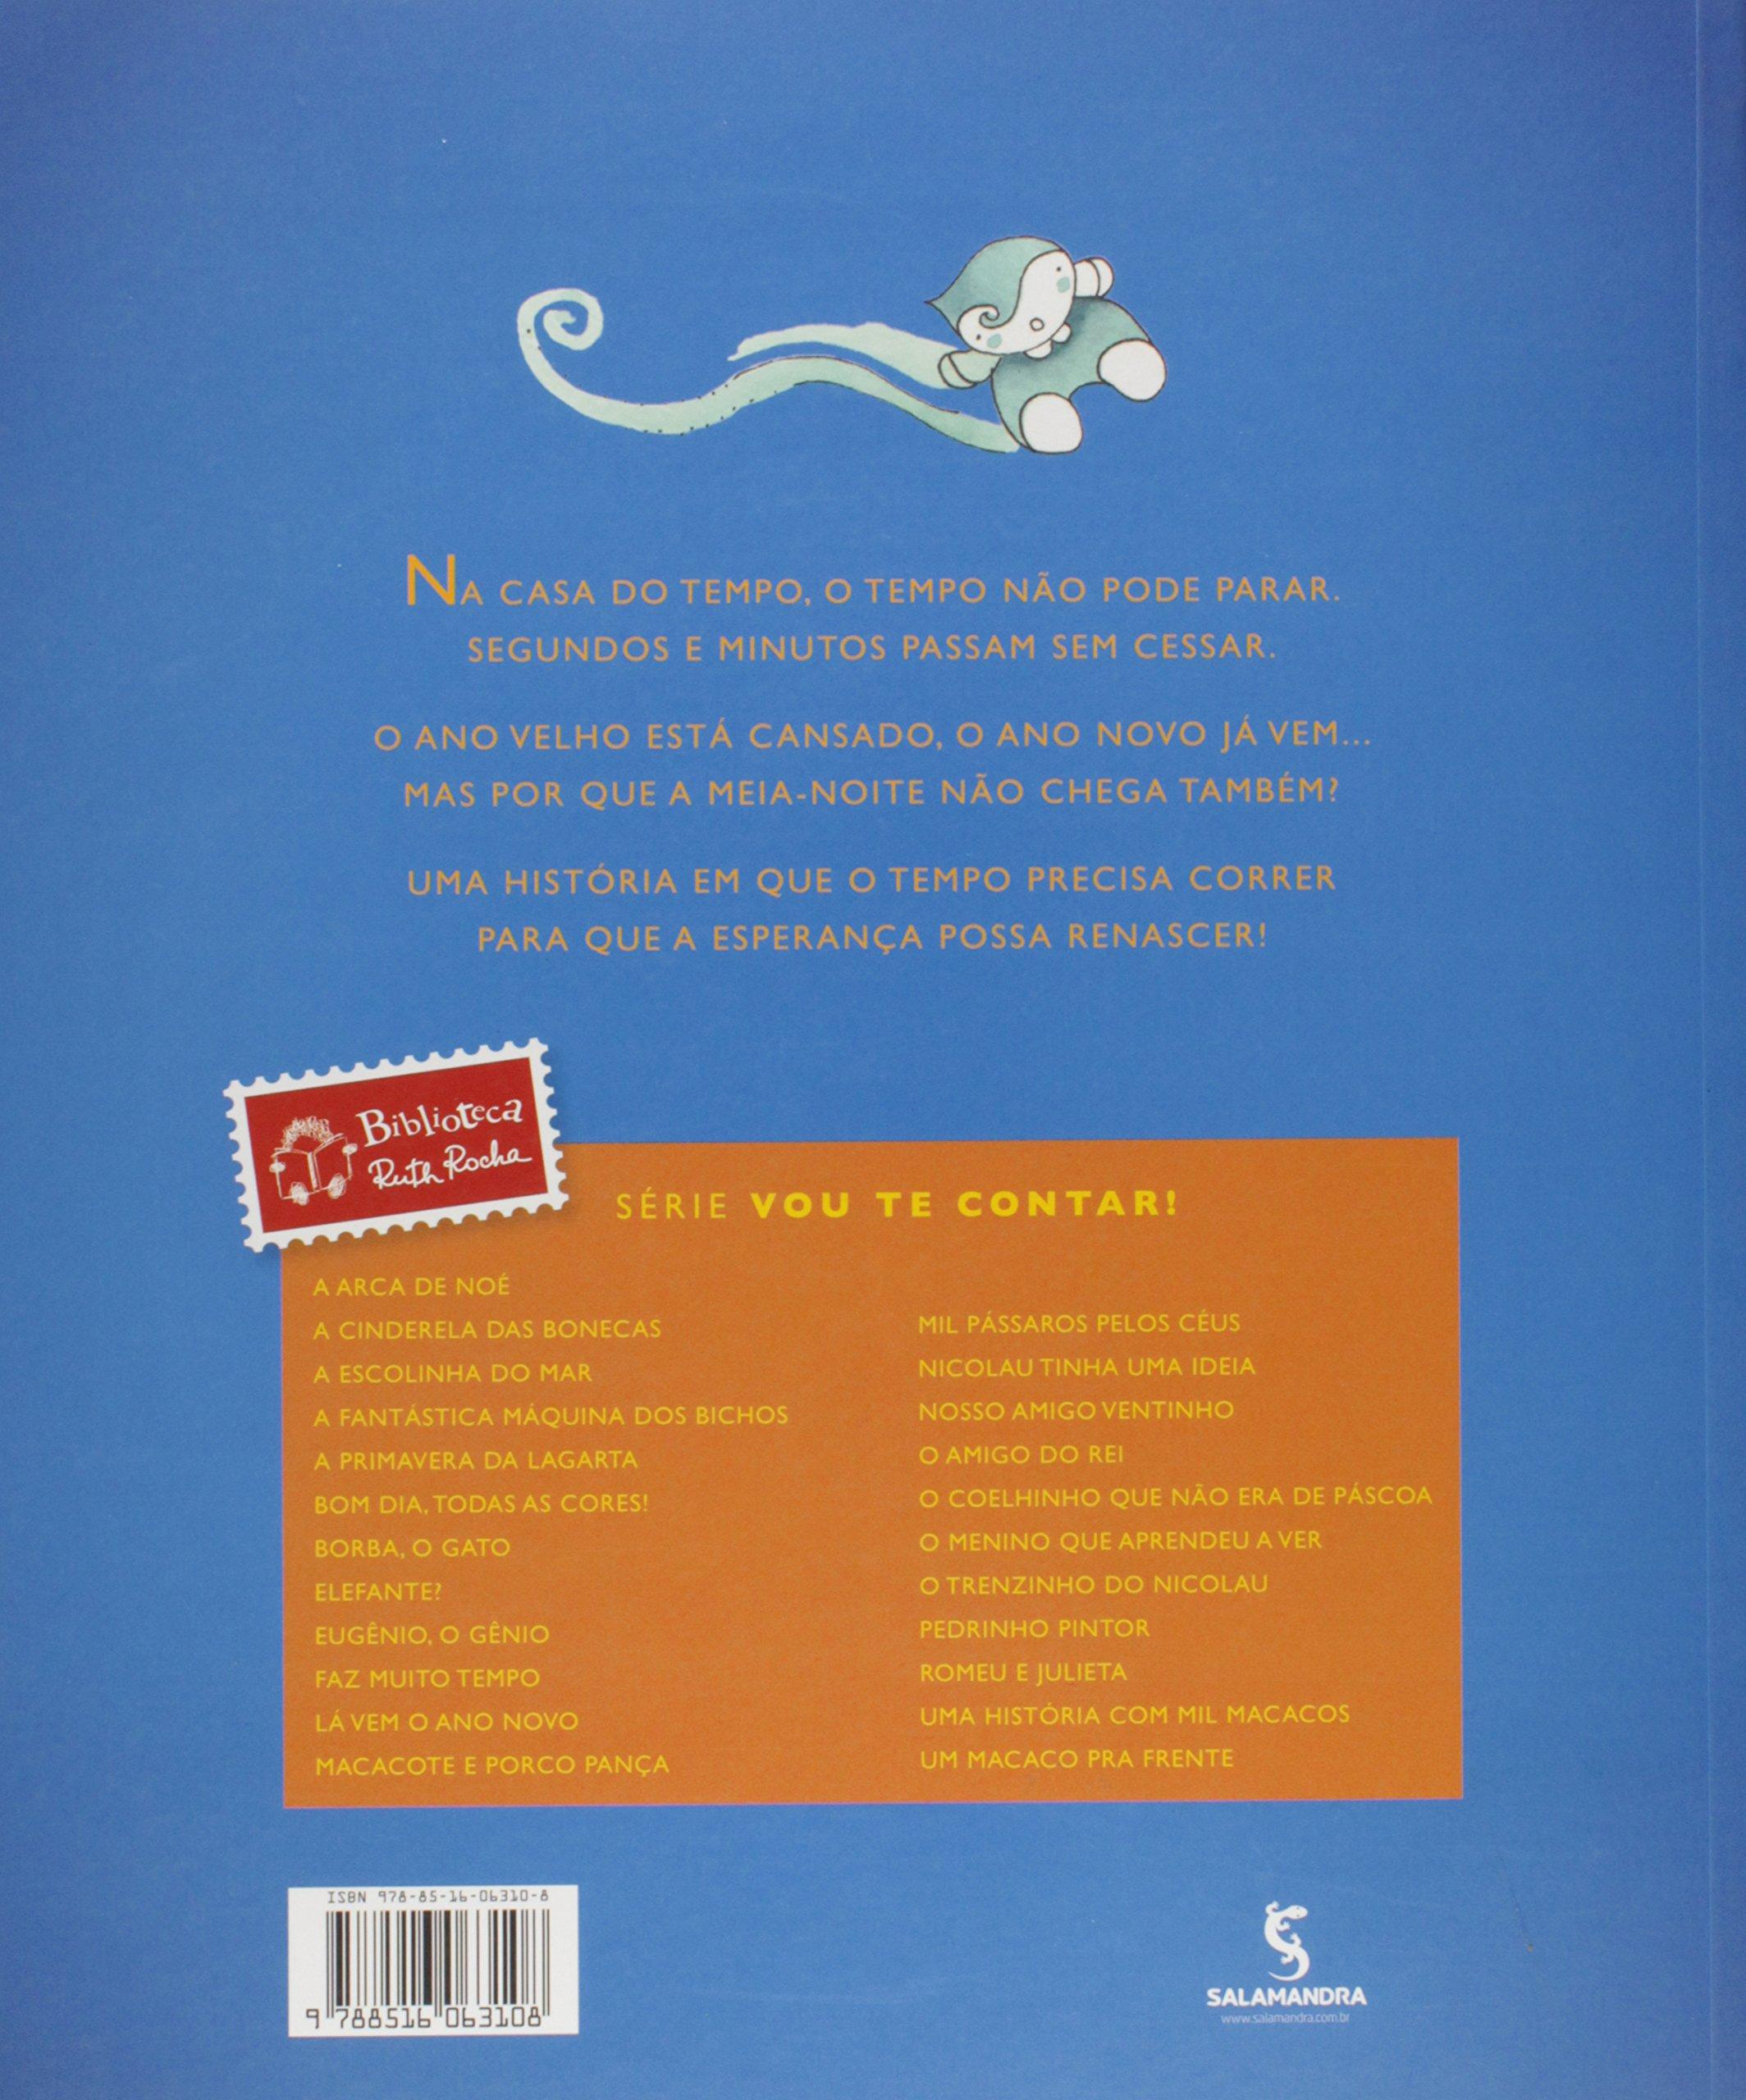 La Vem O Ano Novo (Em Portuguese do Brasil): Ruth Rocha: 9788516063108: Amazon.com: Books